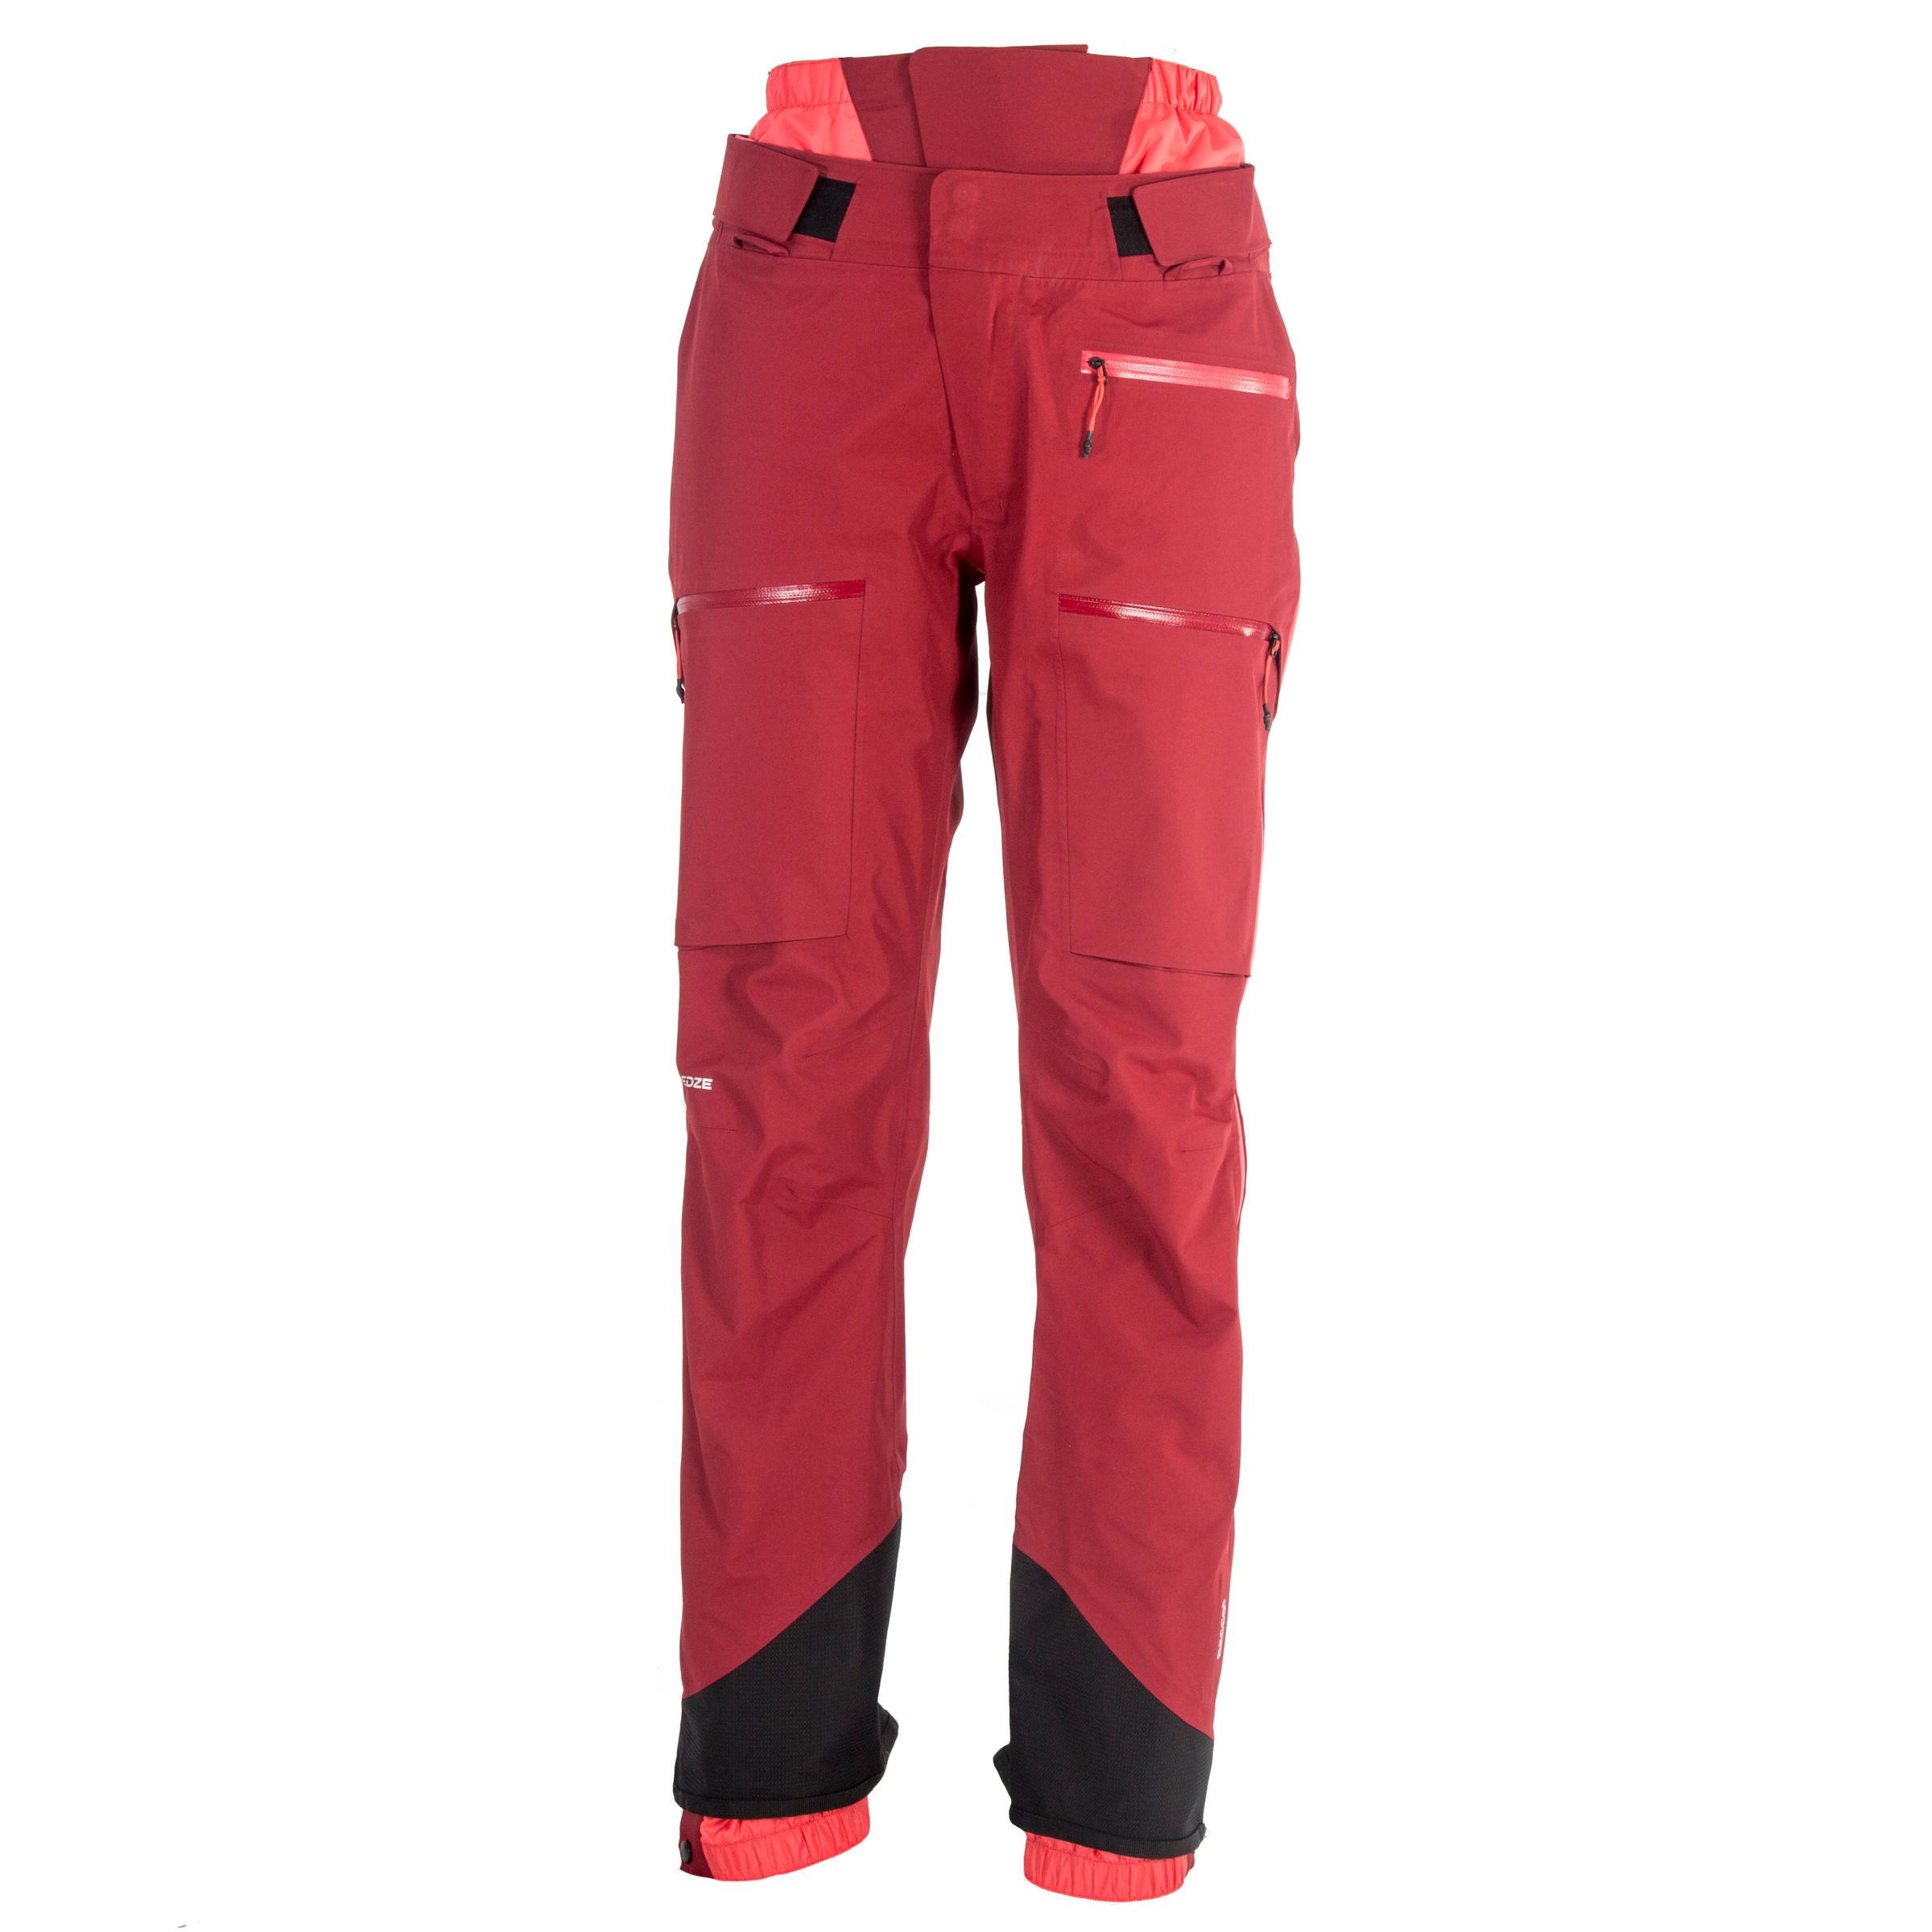 Pantalon schi SFR 900 Damă imagine